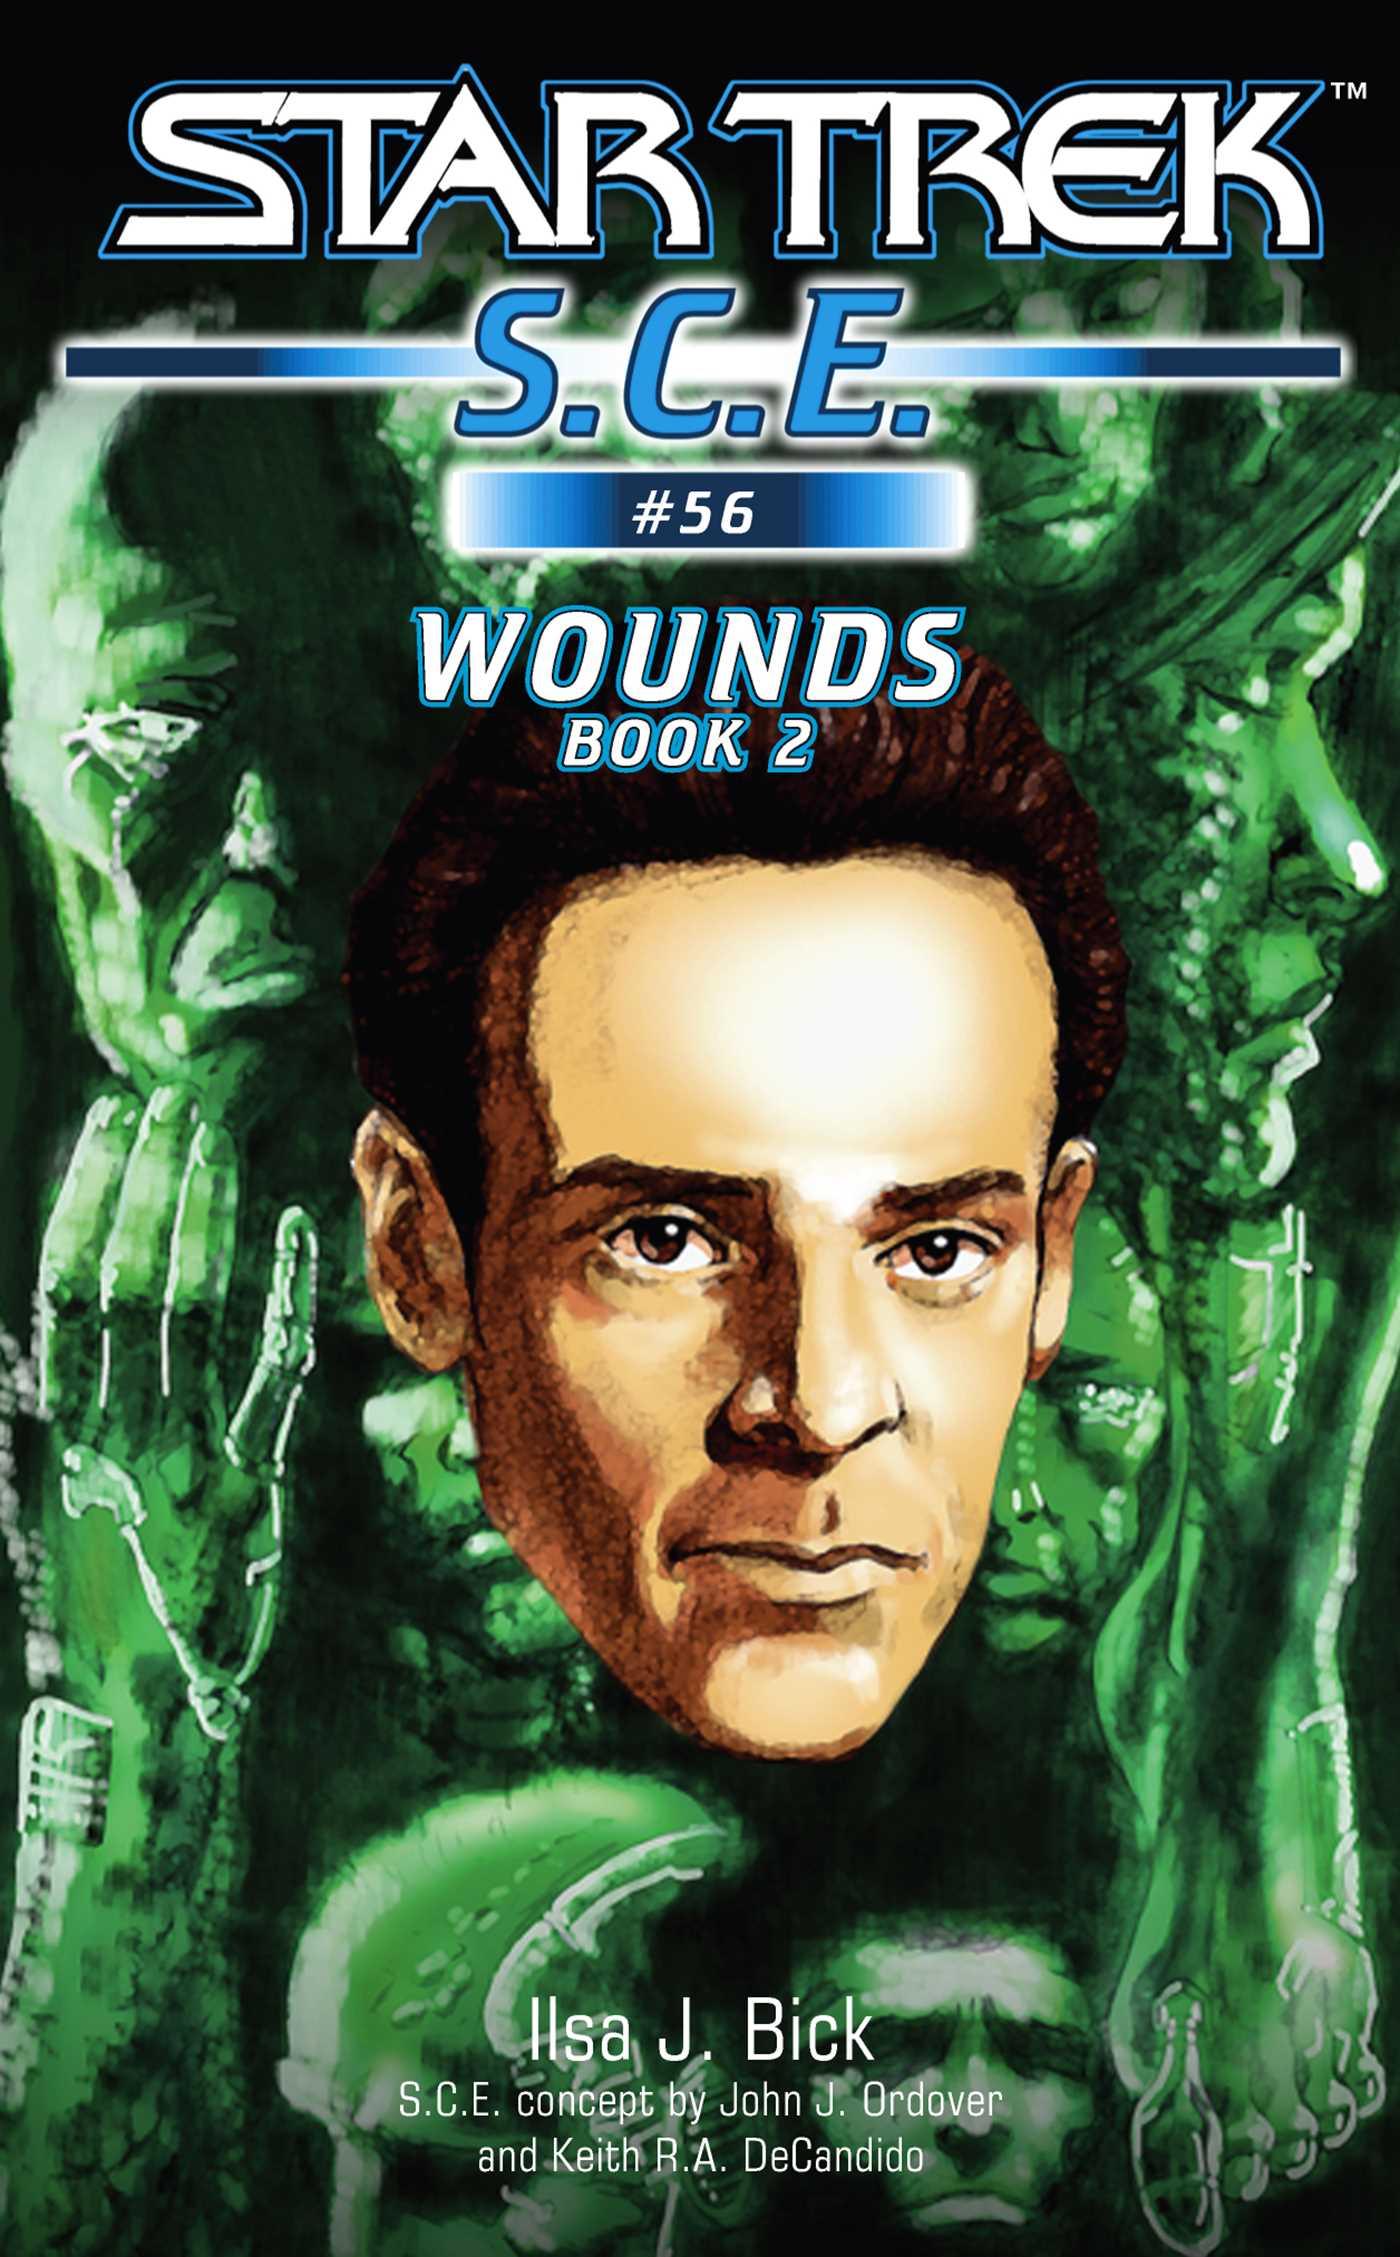 Star trek wounds book 2 9781416509615 hr